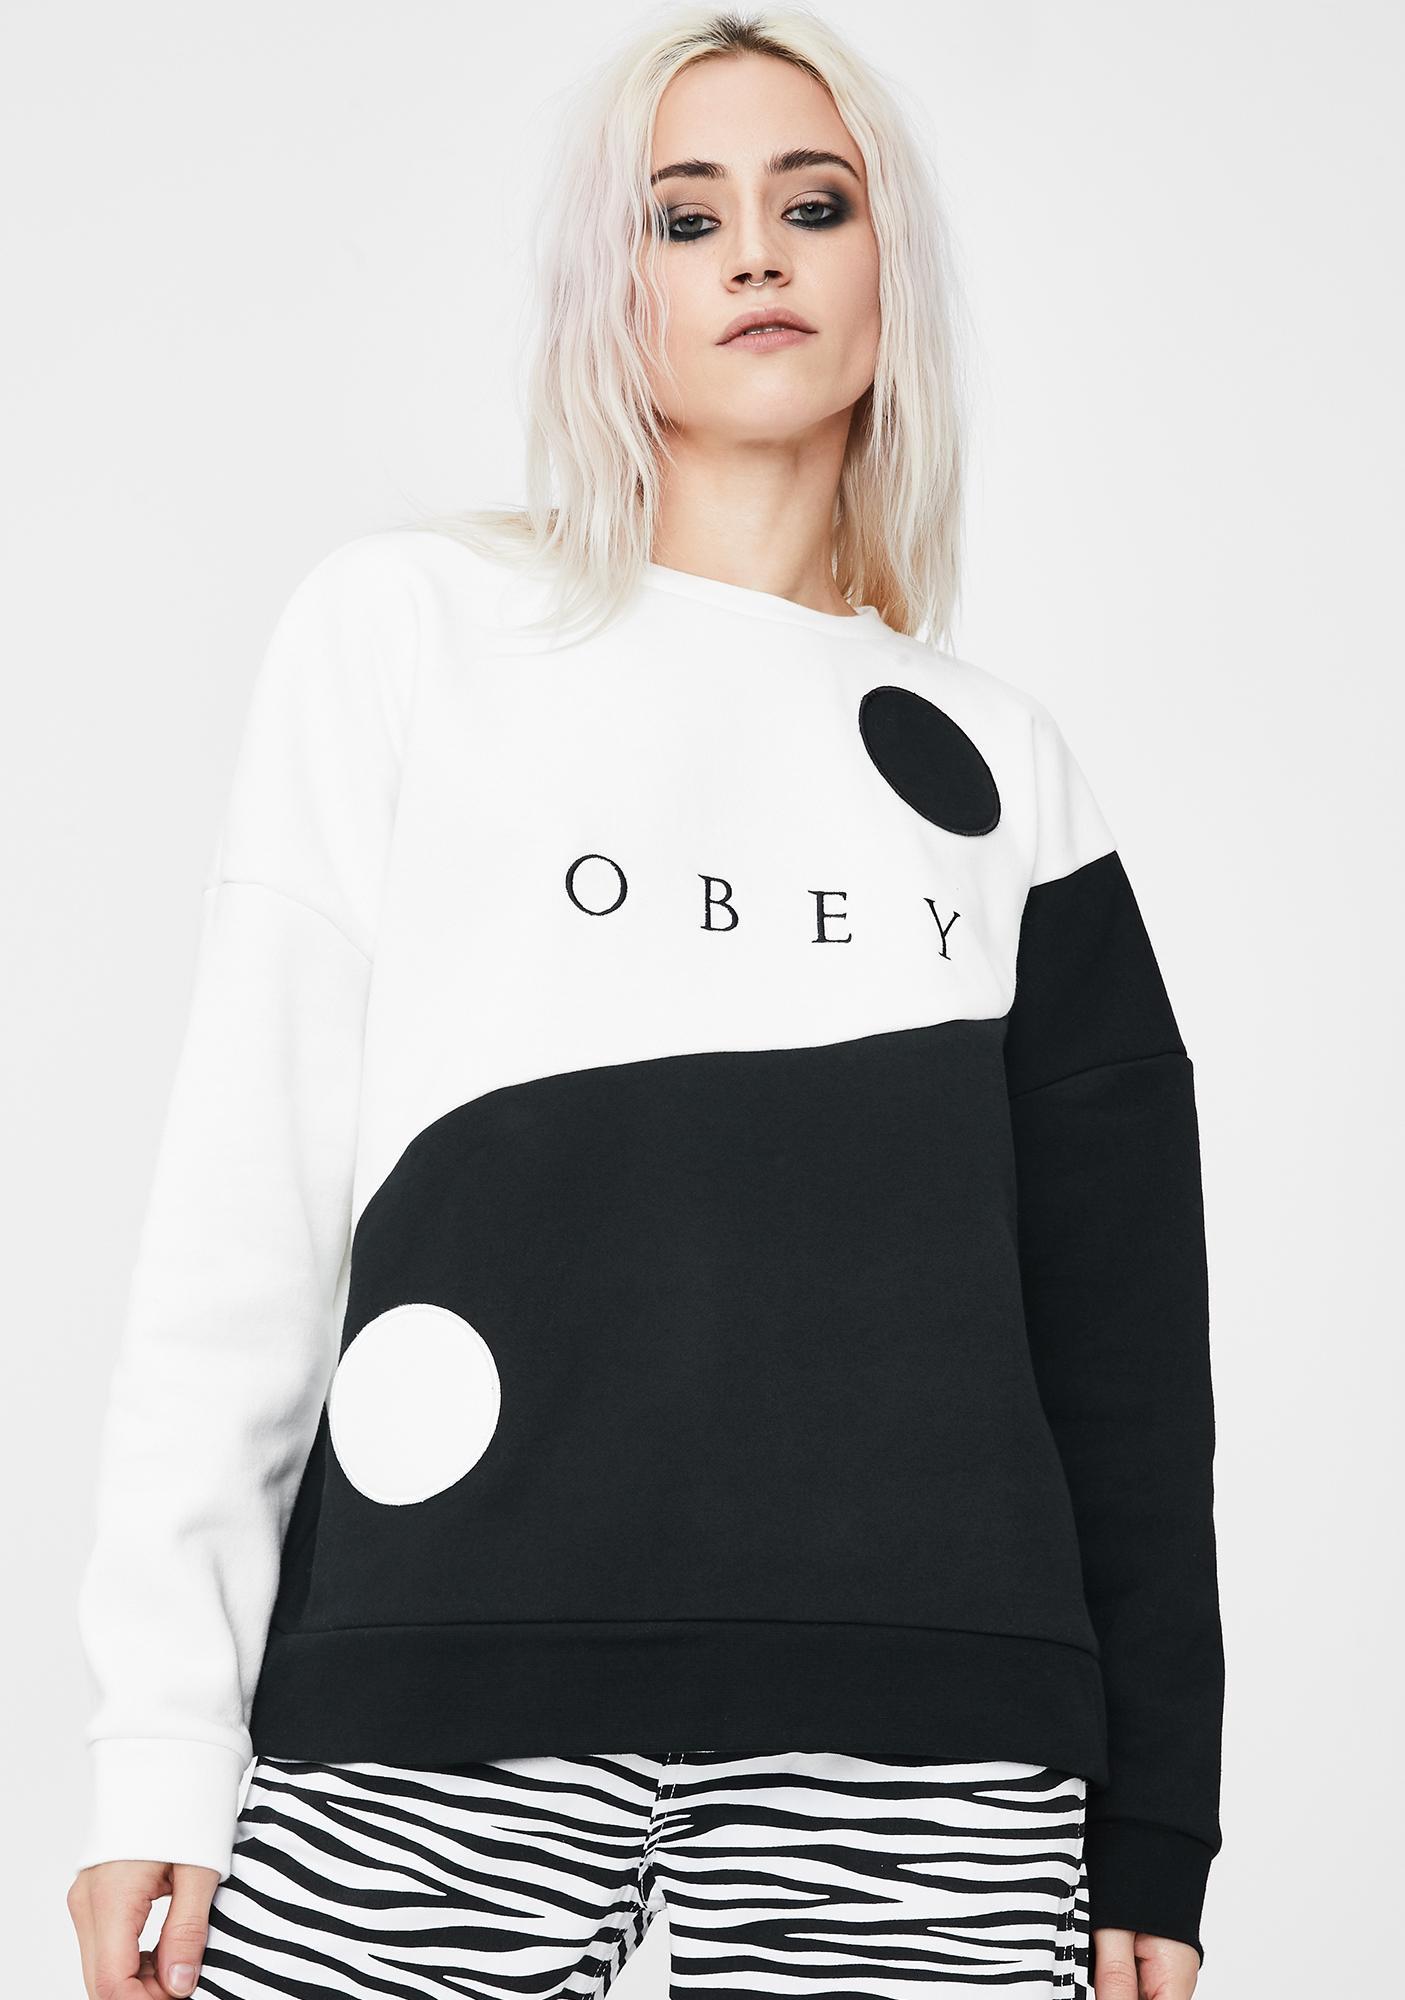 Obey Darkside Crew Graphic Sweatshirt